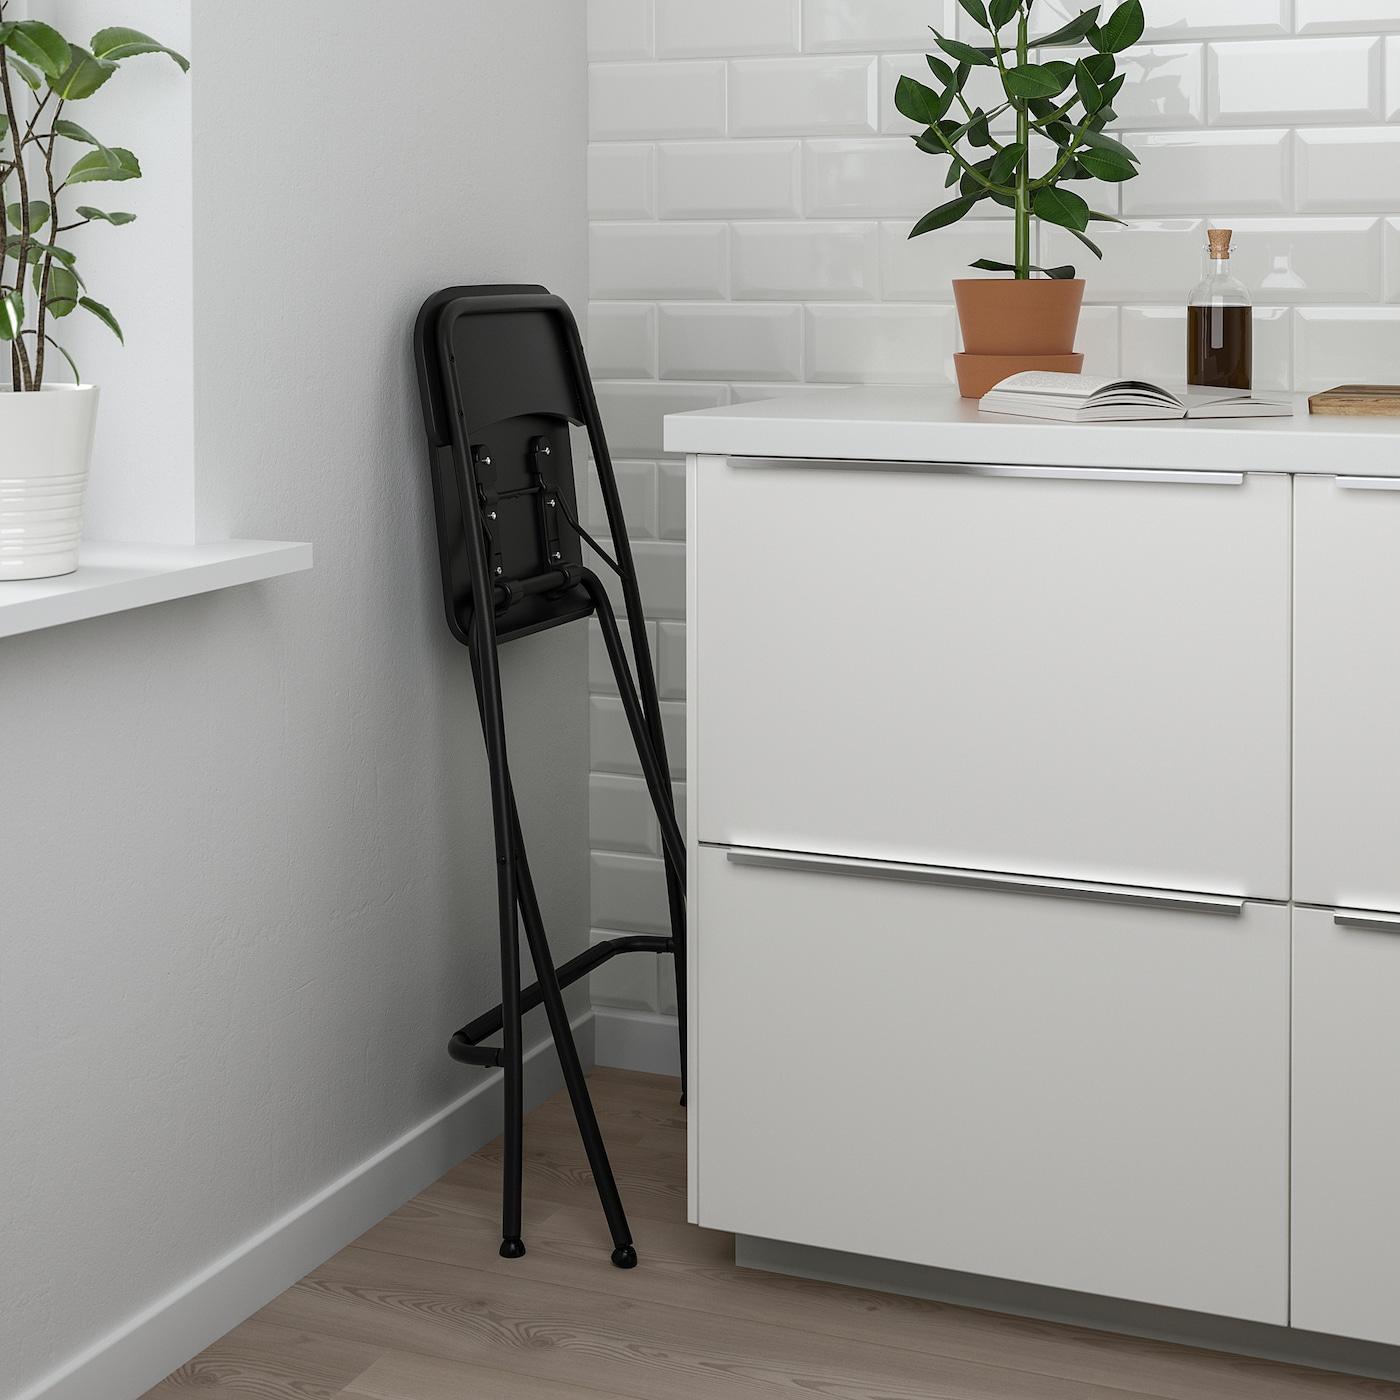 Franklin Barhocker Zusammenklappbar Schwarz Schwarz Alle Details Findest Du Hier Ikea Deutschland